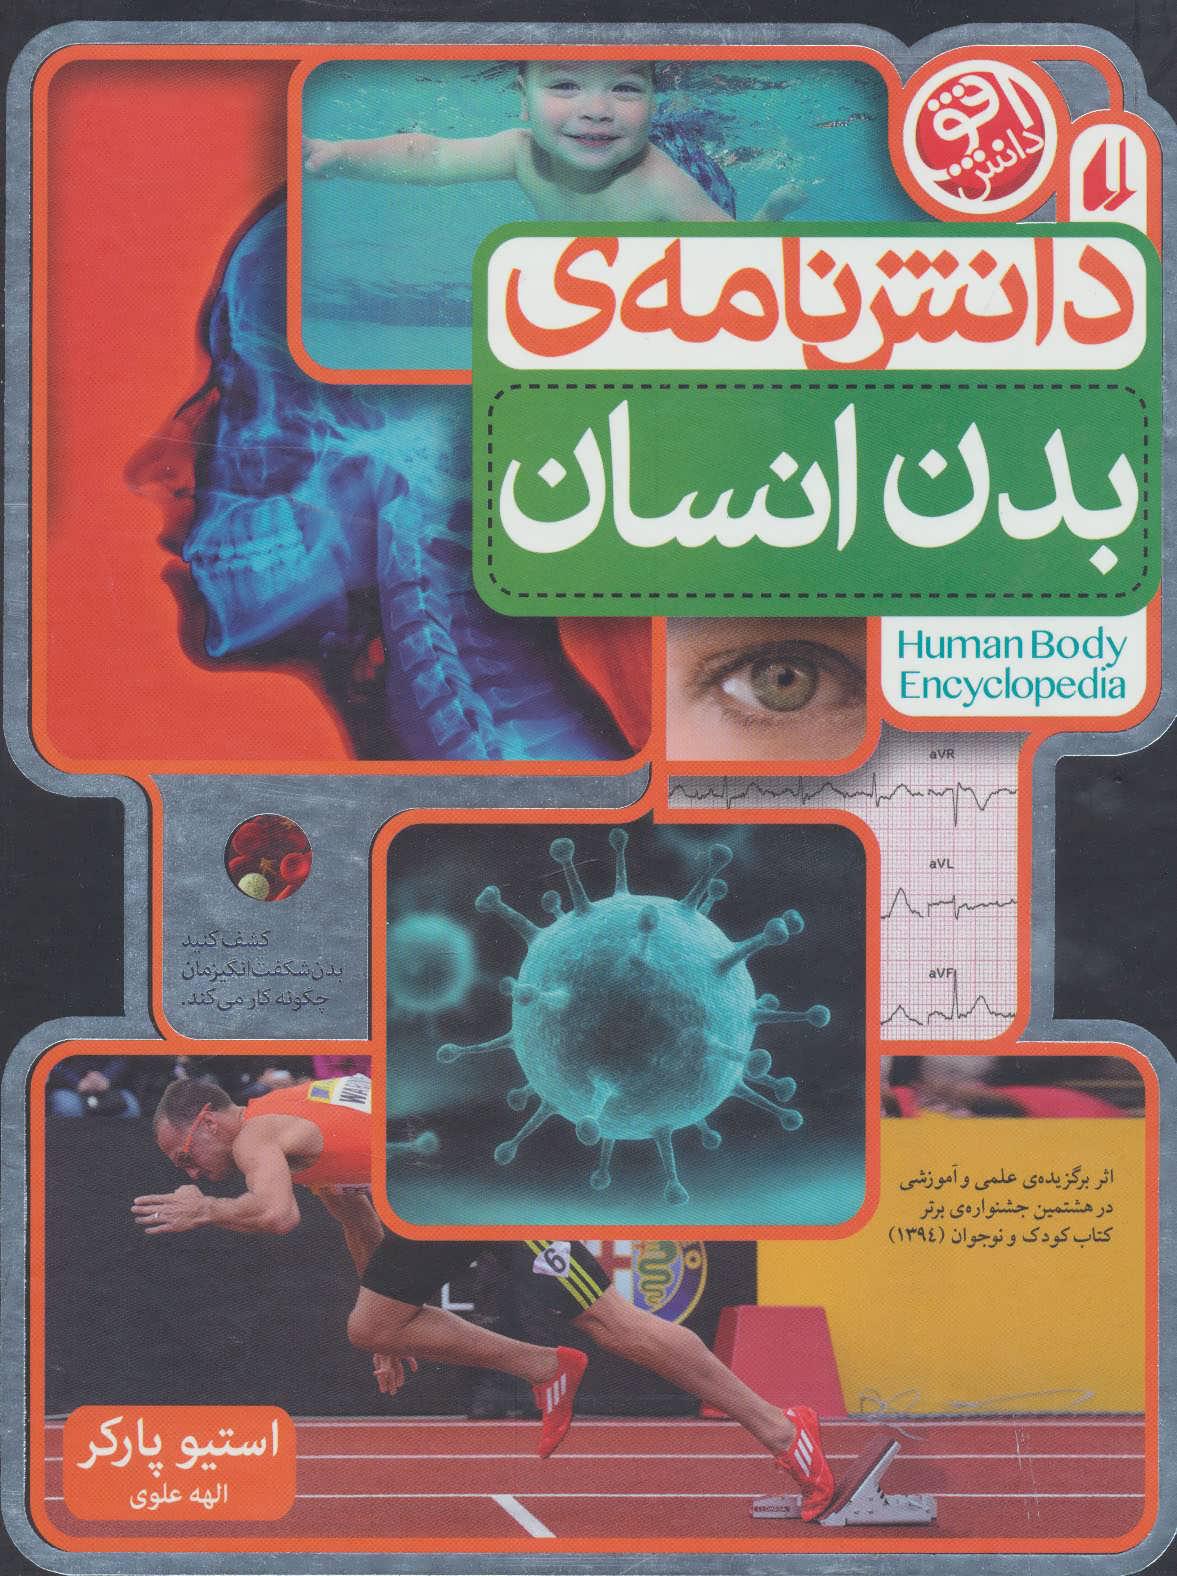 کتاب دانش نامه ی بدن انسان